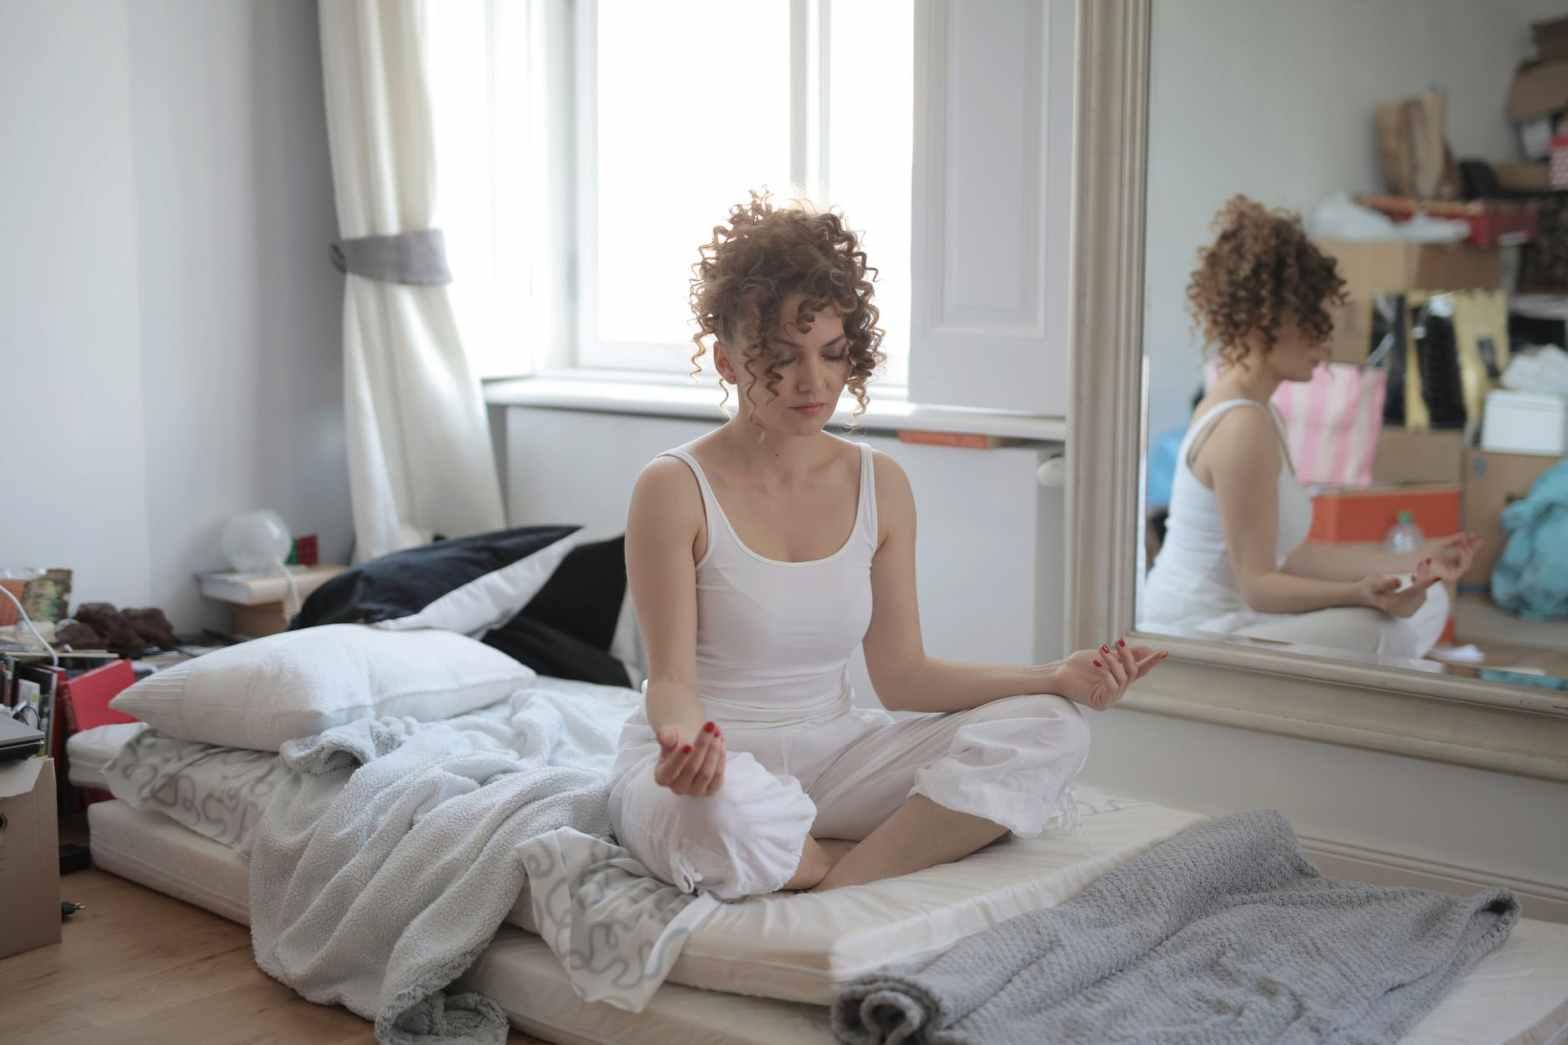 calm woman in lotus pose meditating after awakening at home